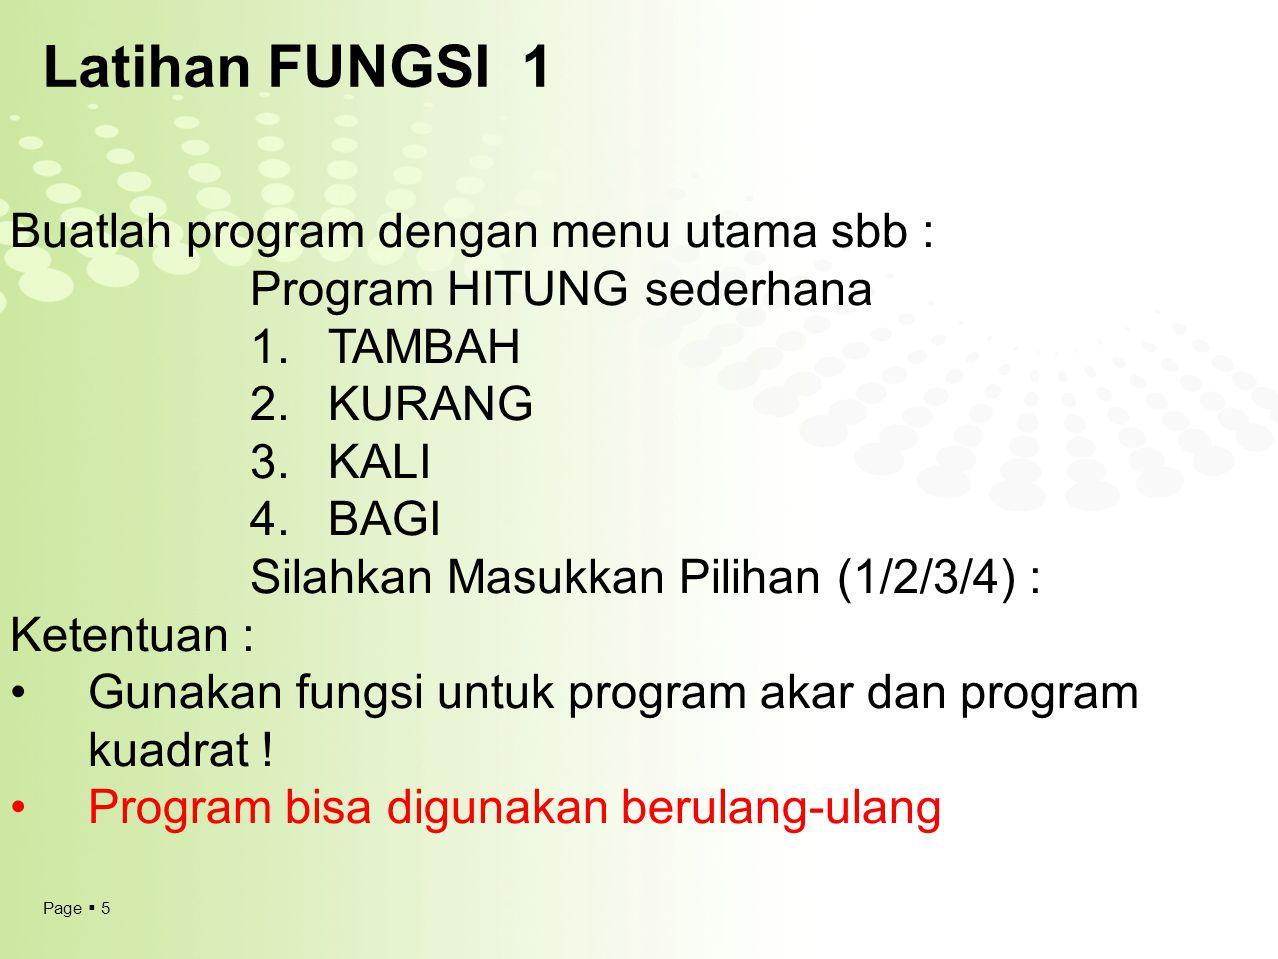 Page  5 Latihan FUNGSI 1 Buatlah program dengan menu utama sbb : Program HITUNG sederhana 1.TAMBAH 2.KURANG 3.KALI 4.BAGI Silahkan Masukkan Pilihan (